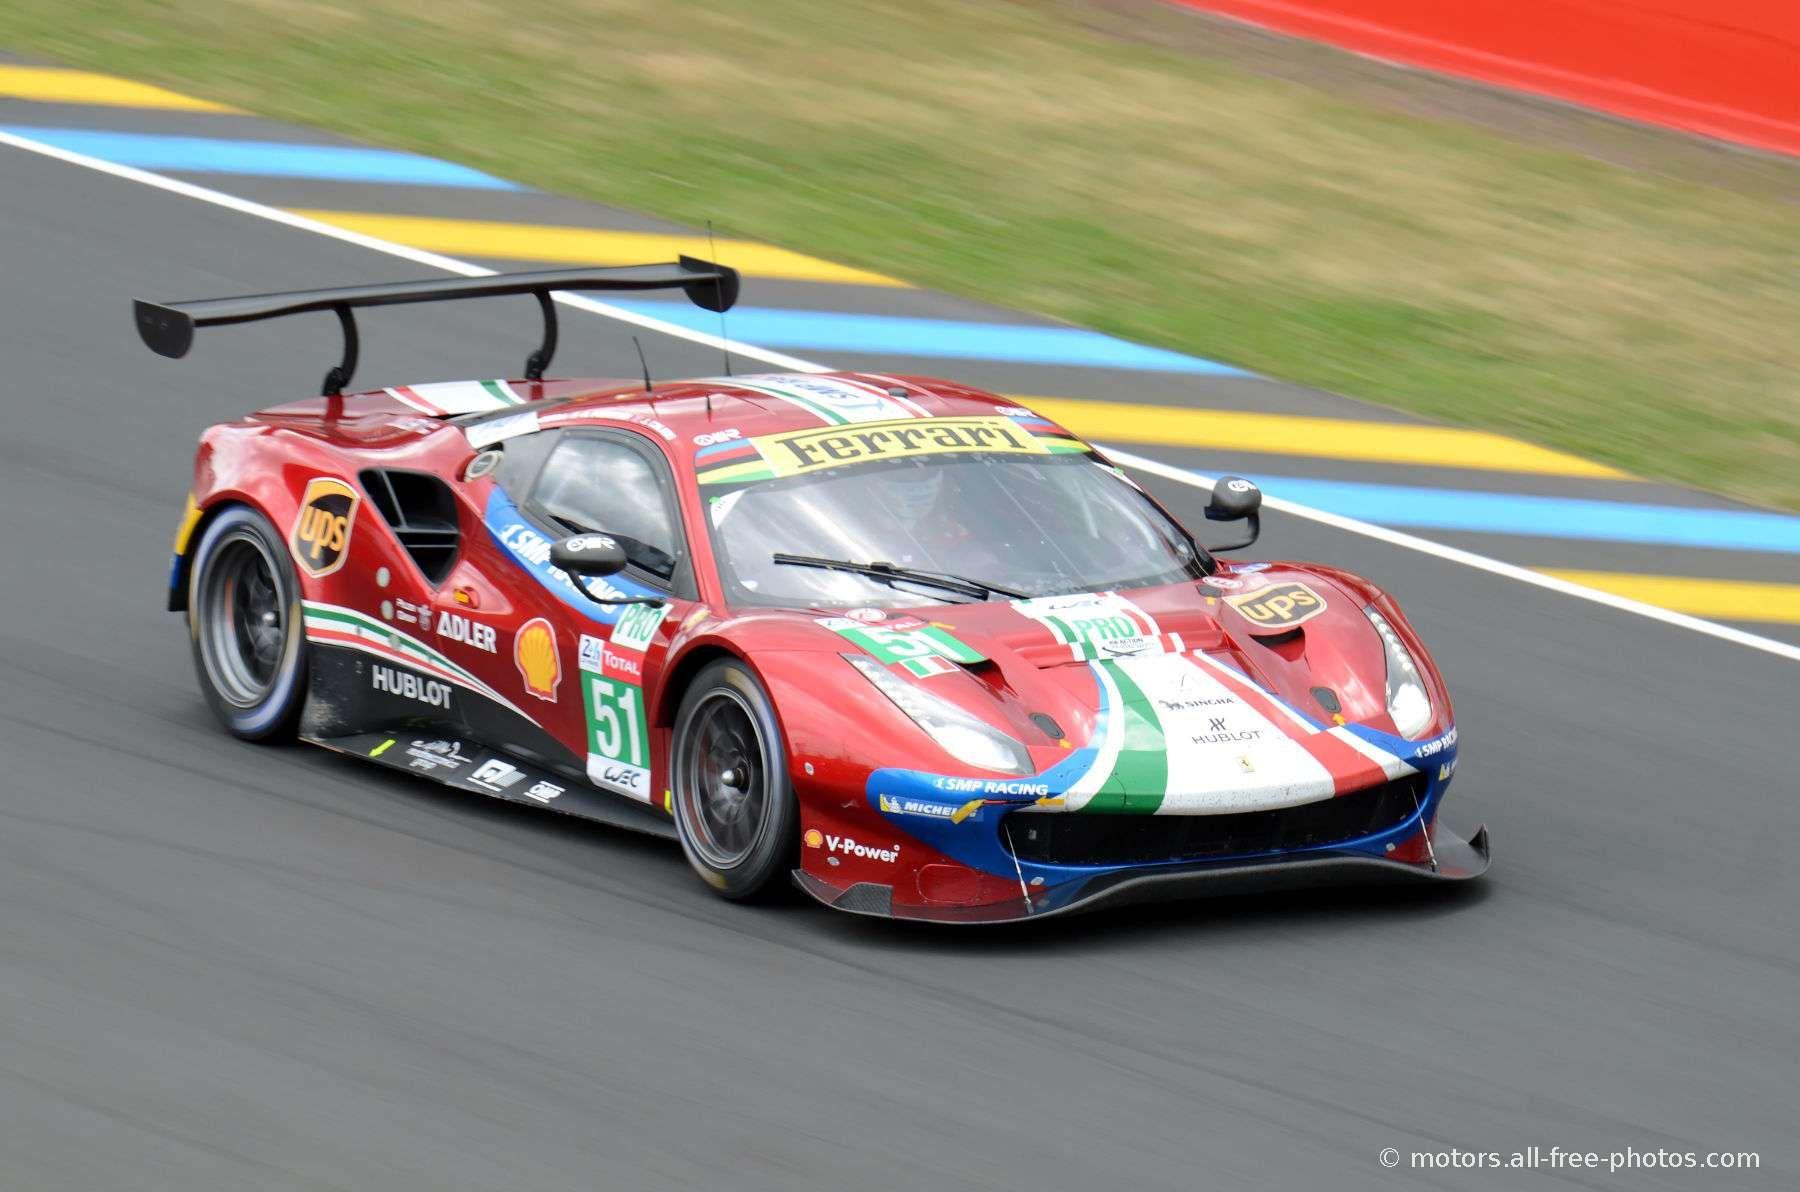 Ferrari 488 Gte Evo Team Af Corse Ferrari Gt Cars New Ferrari